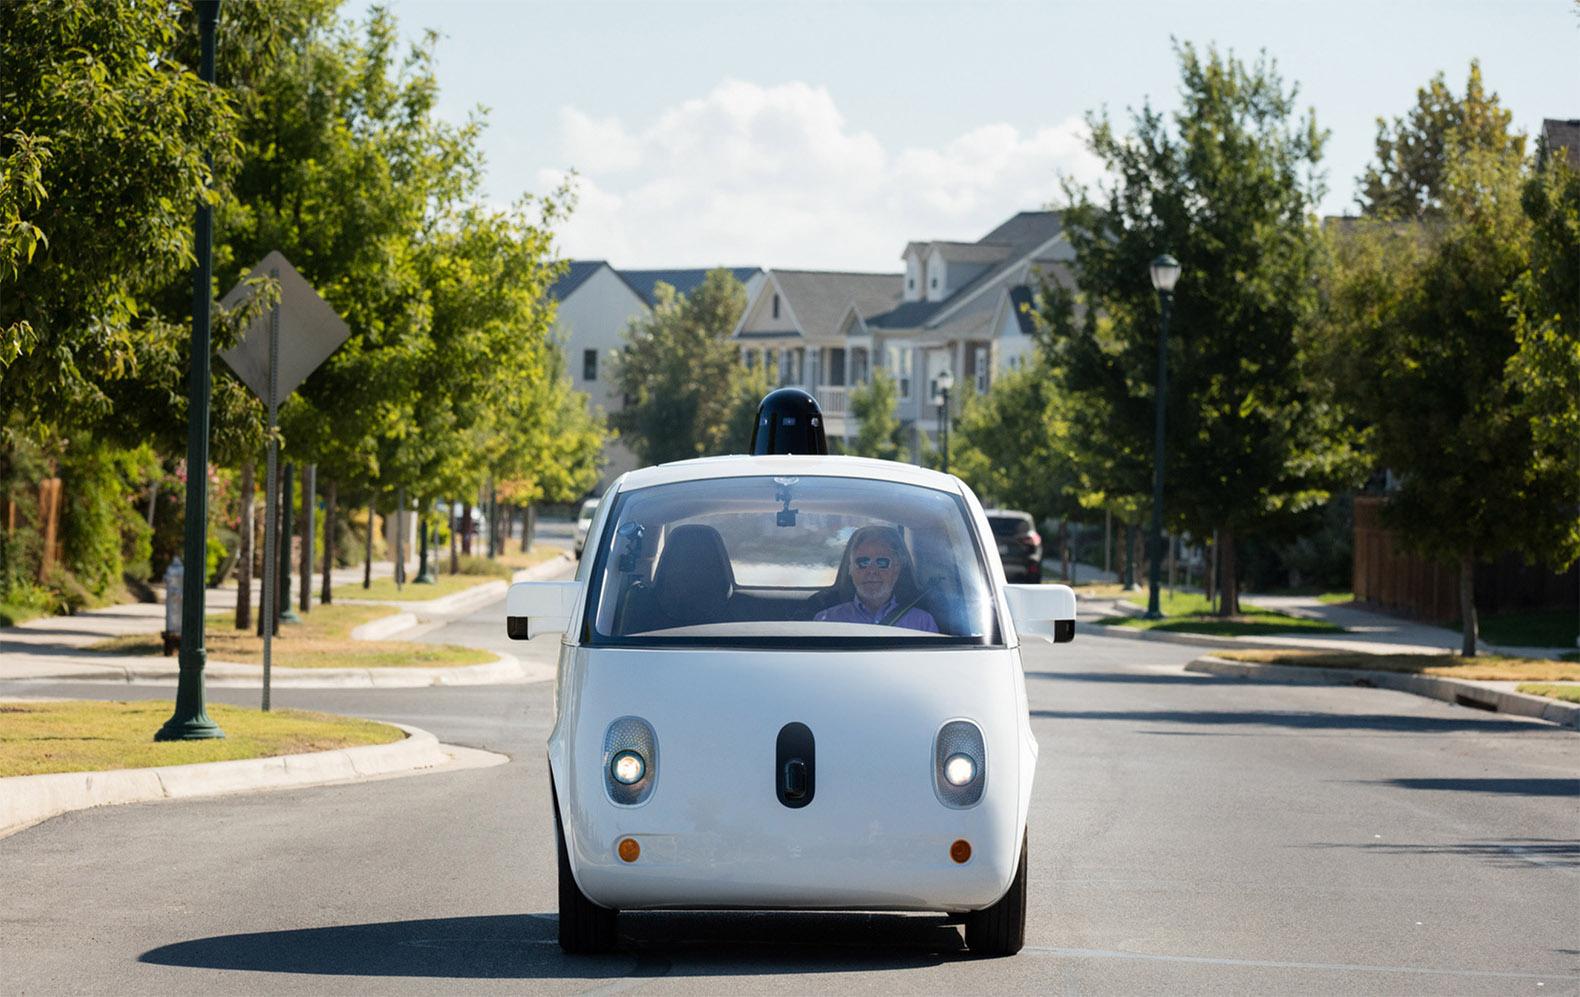 Driverless-autonomous-cars-hitting-Atlanta